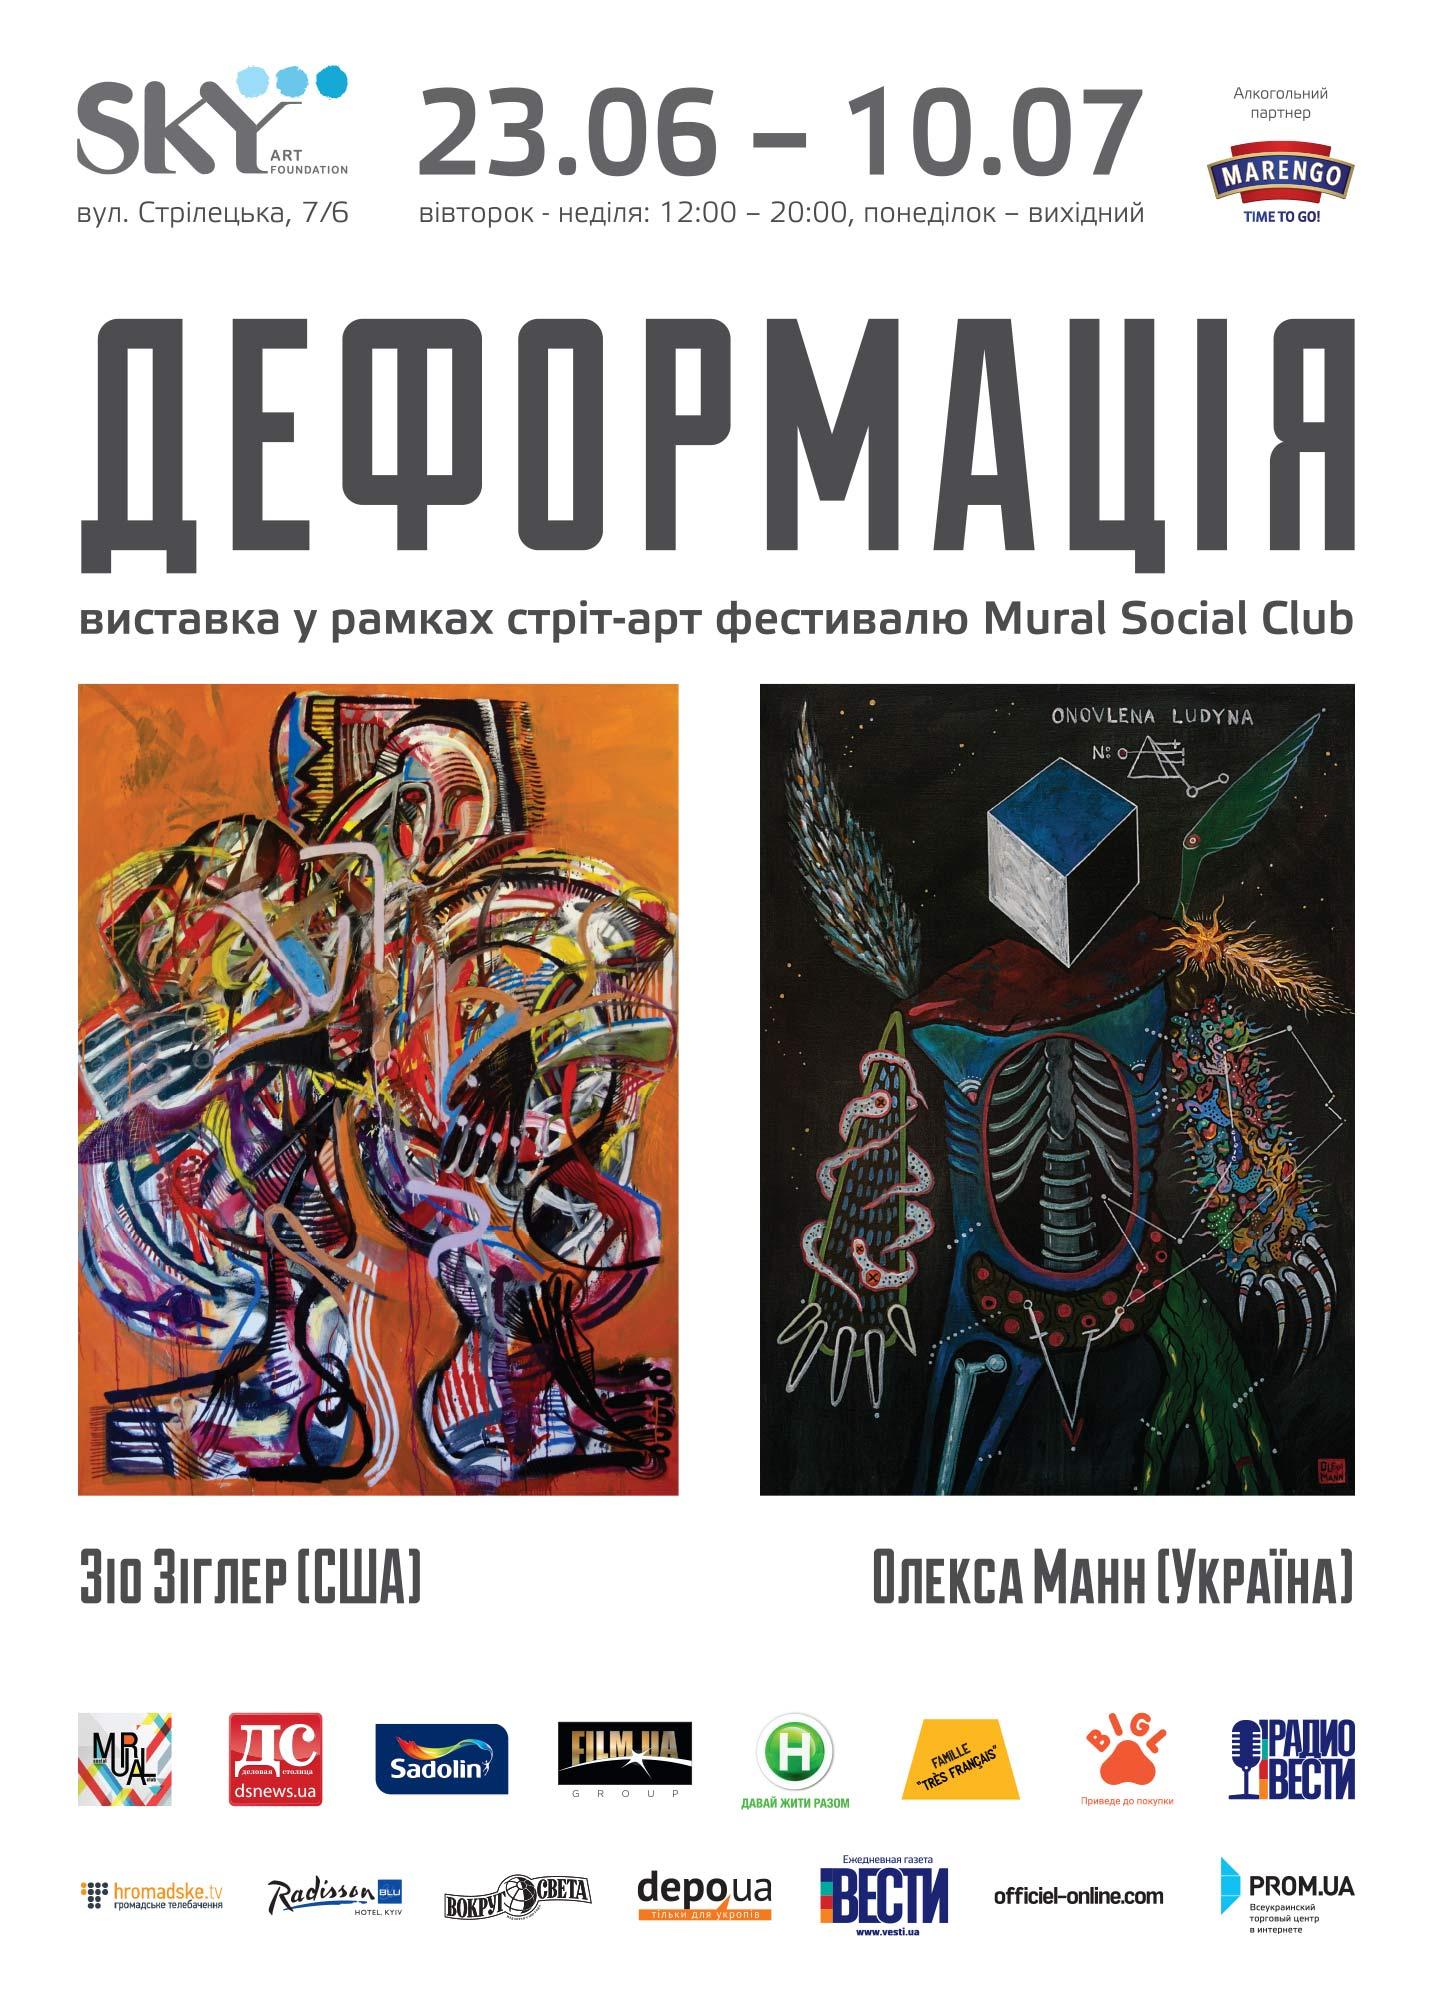 Американський стріт-артист та український митець представлять спільний проект у Києві  - фото 1